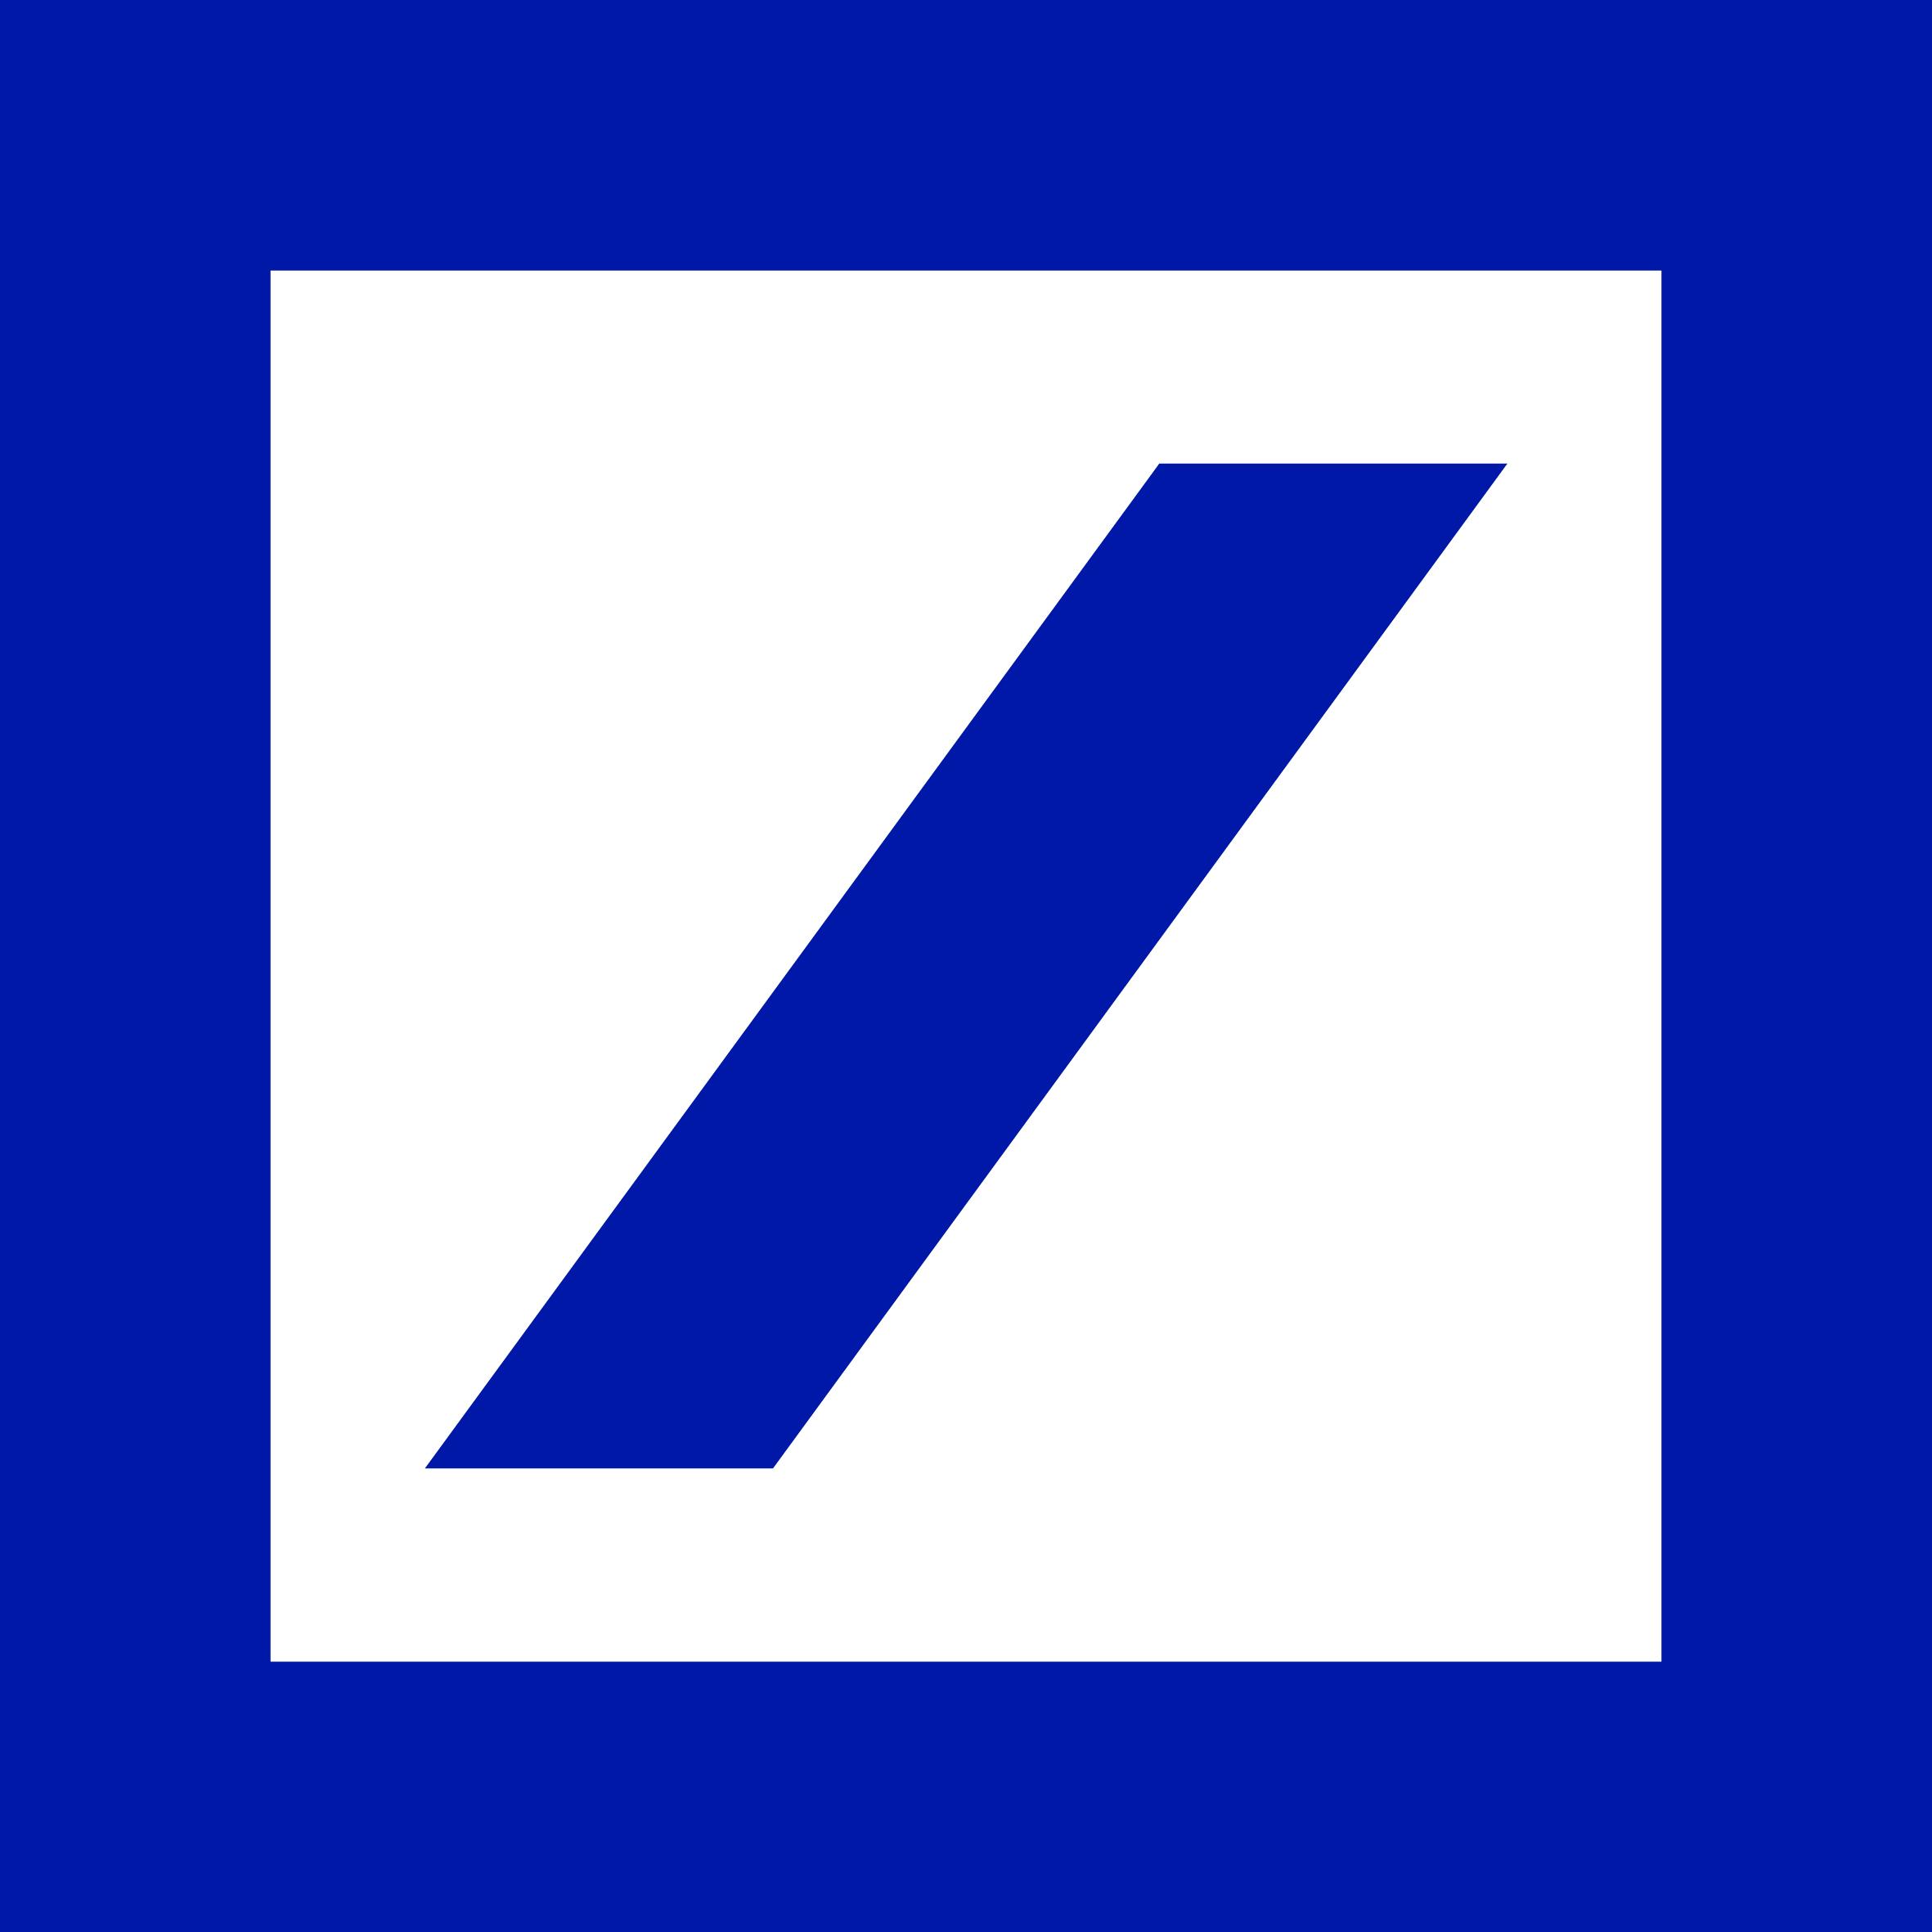 logo_square_dbblue